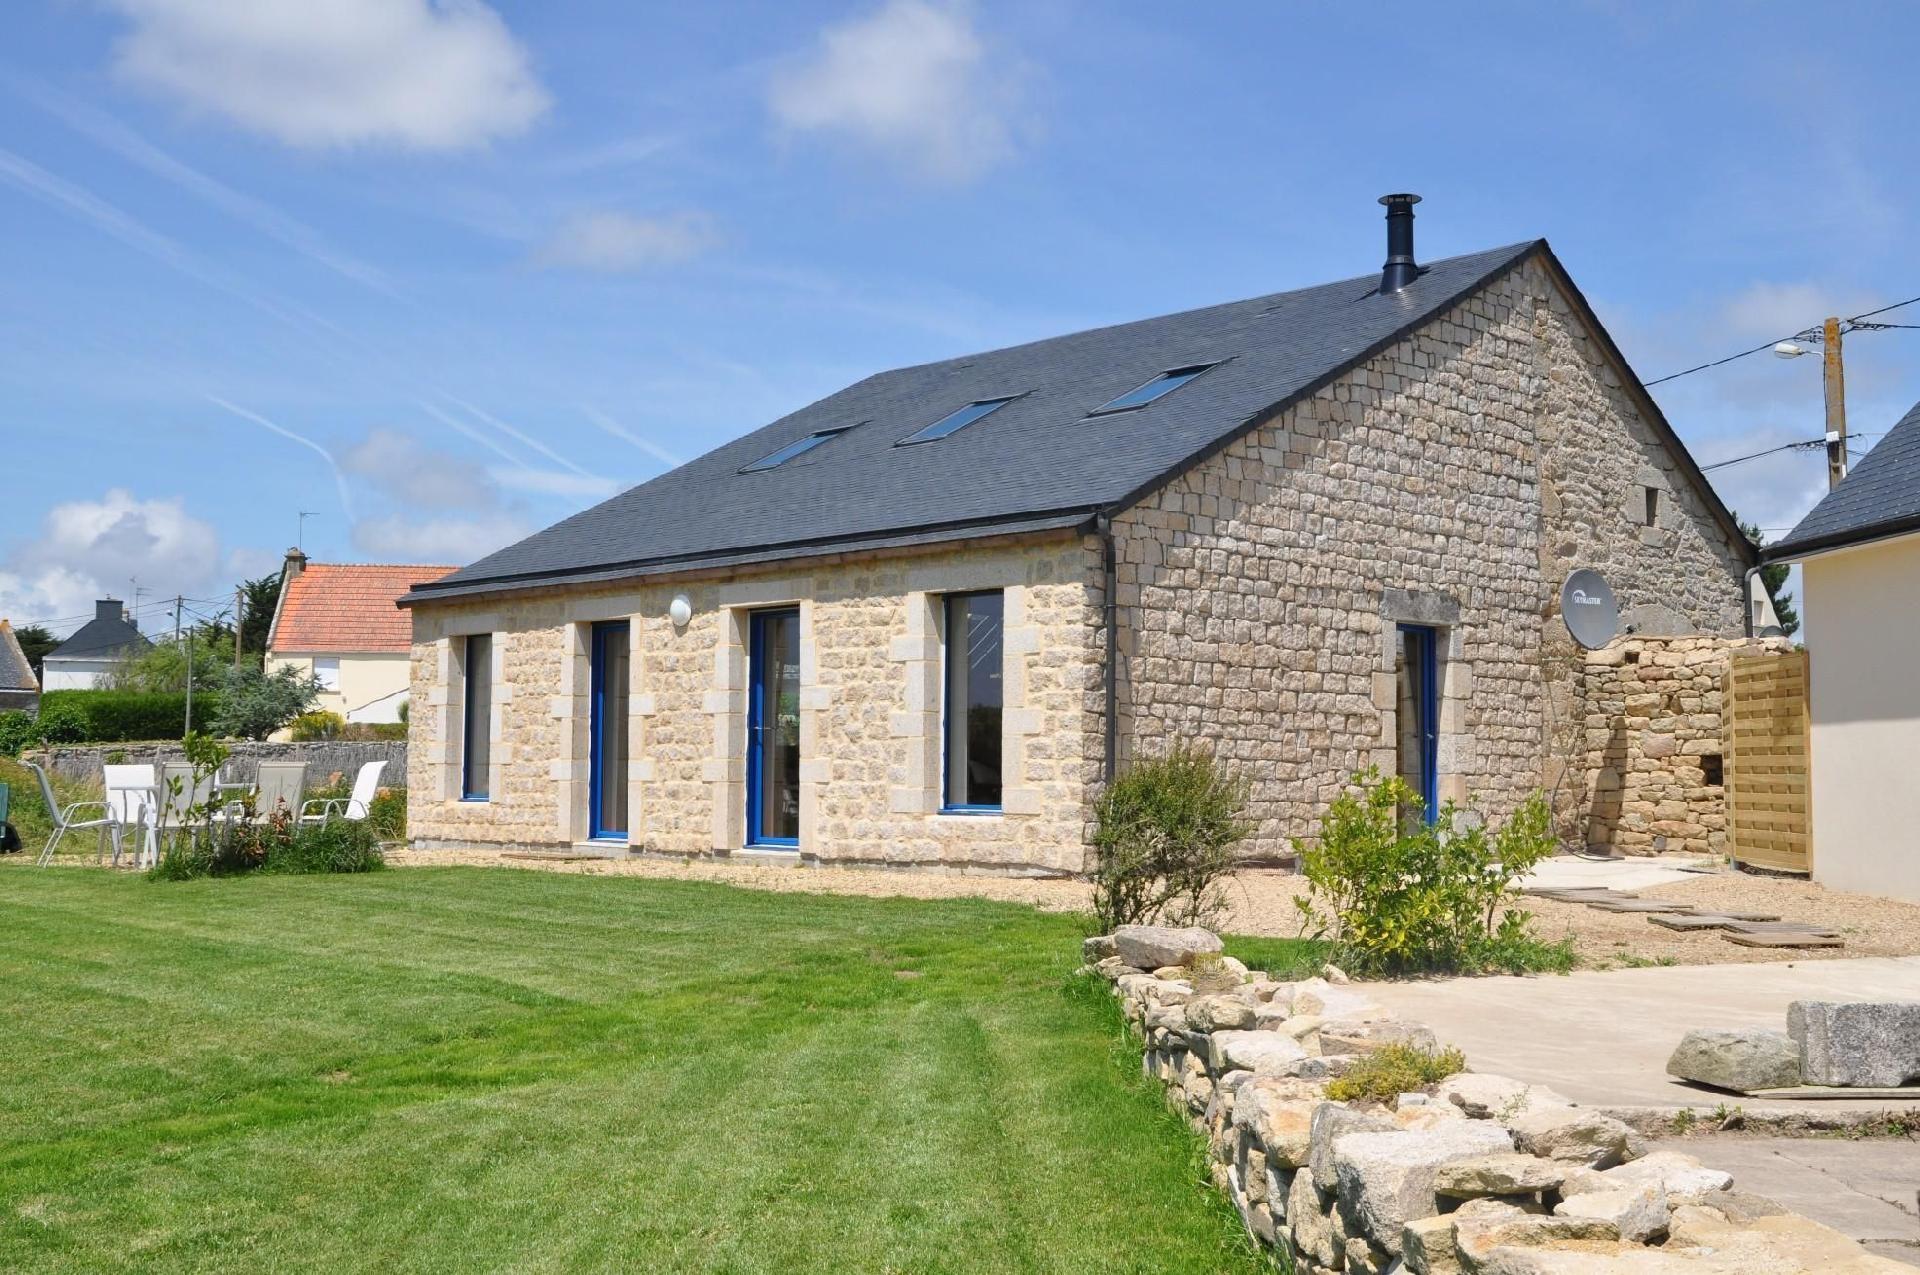 Großzügiges Ferienhaus, komplett rollst  in Frankreich